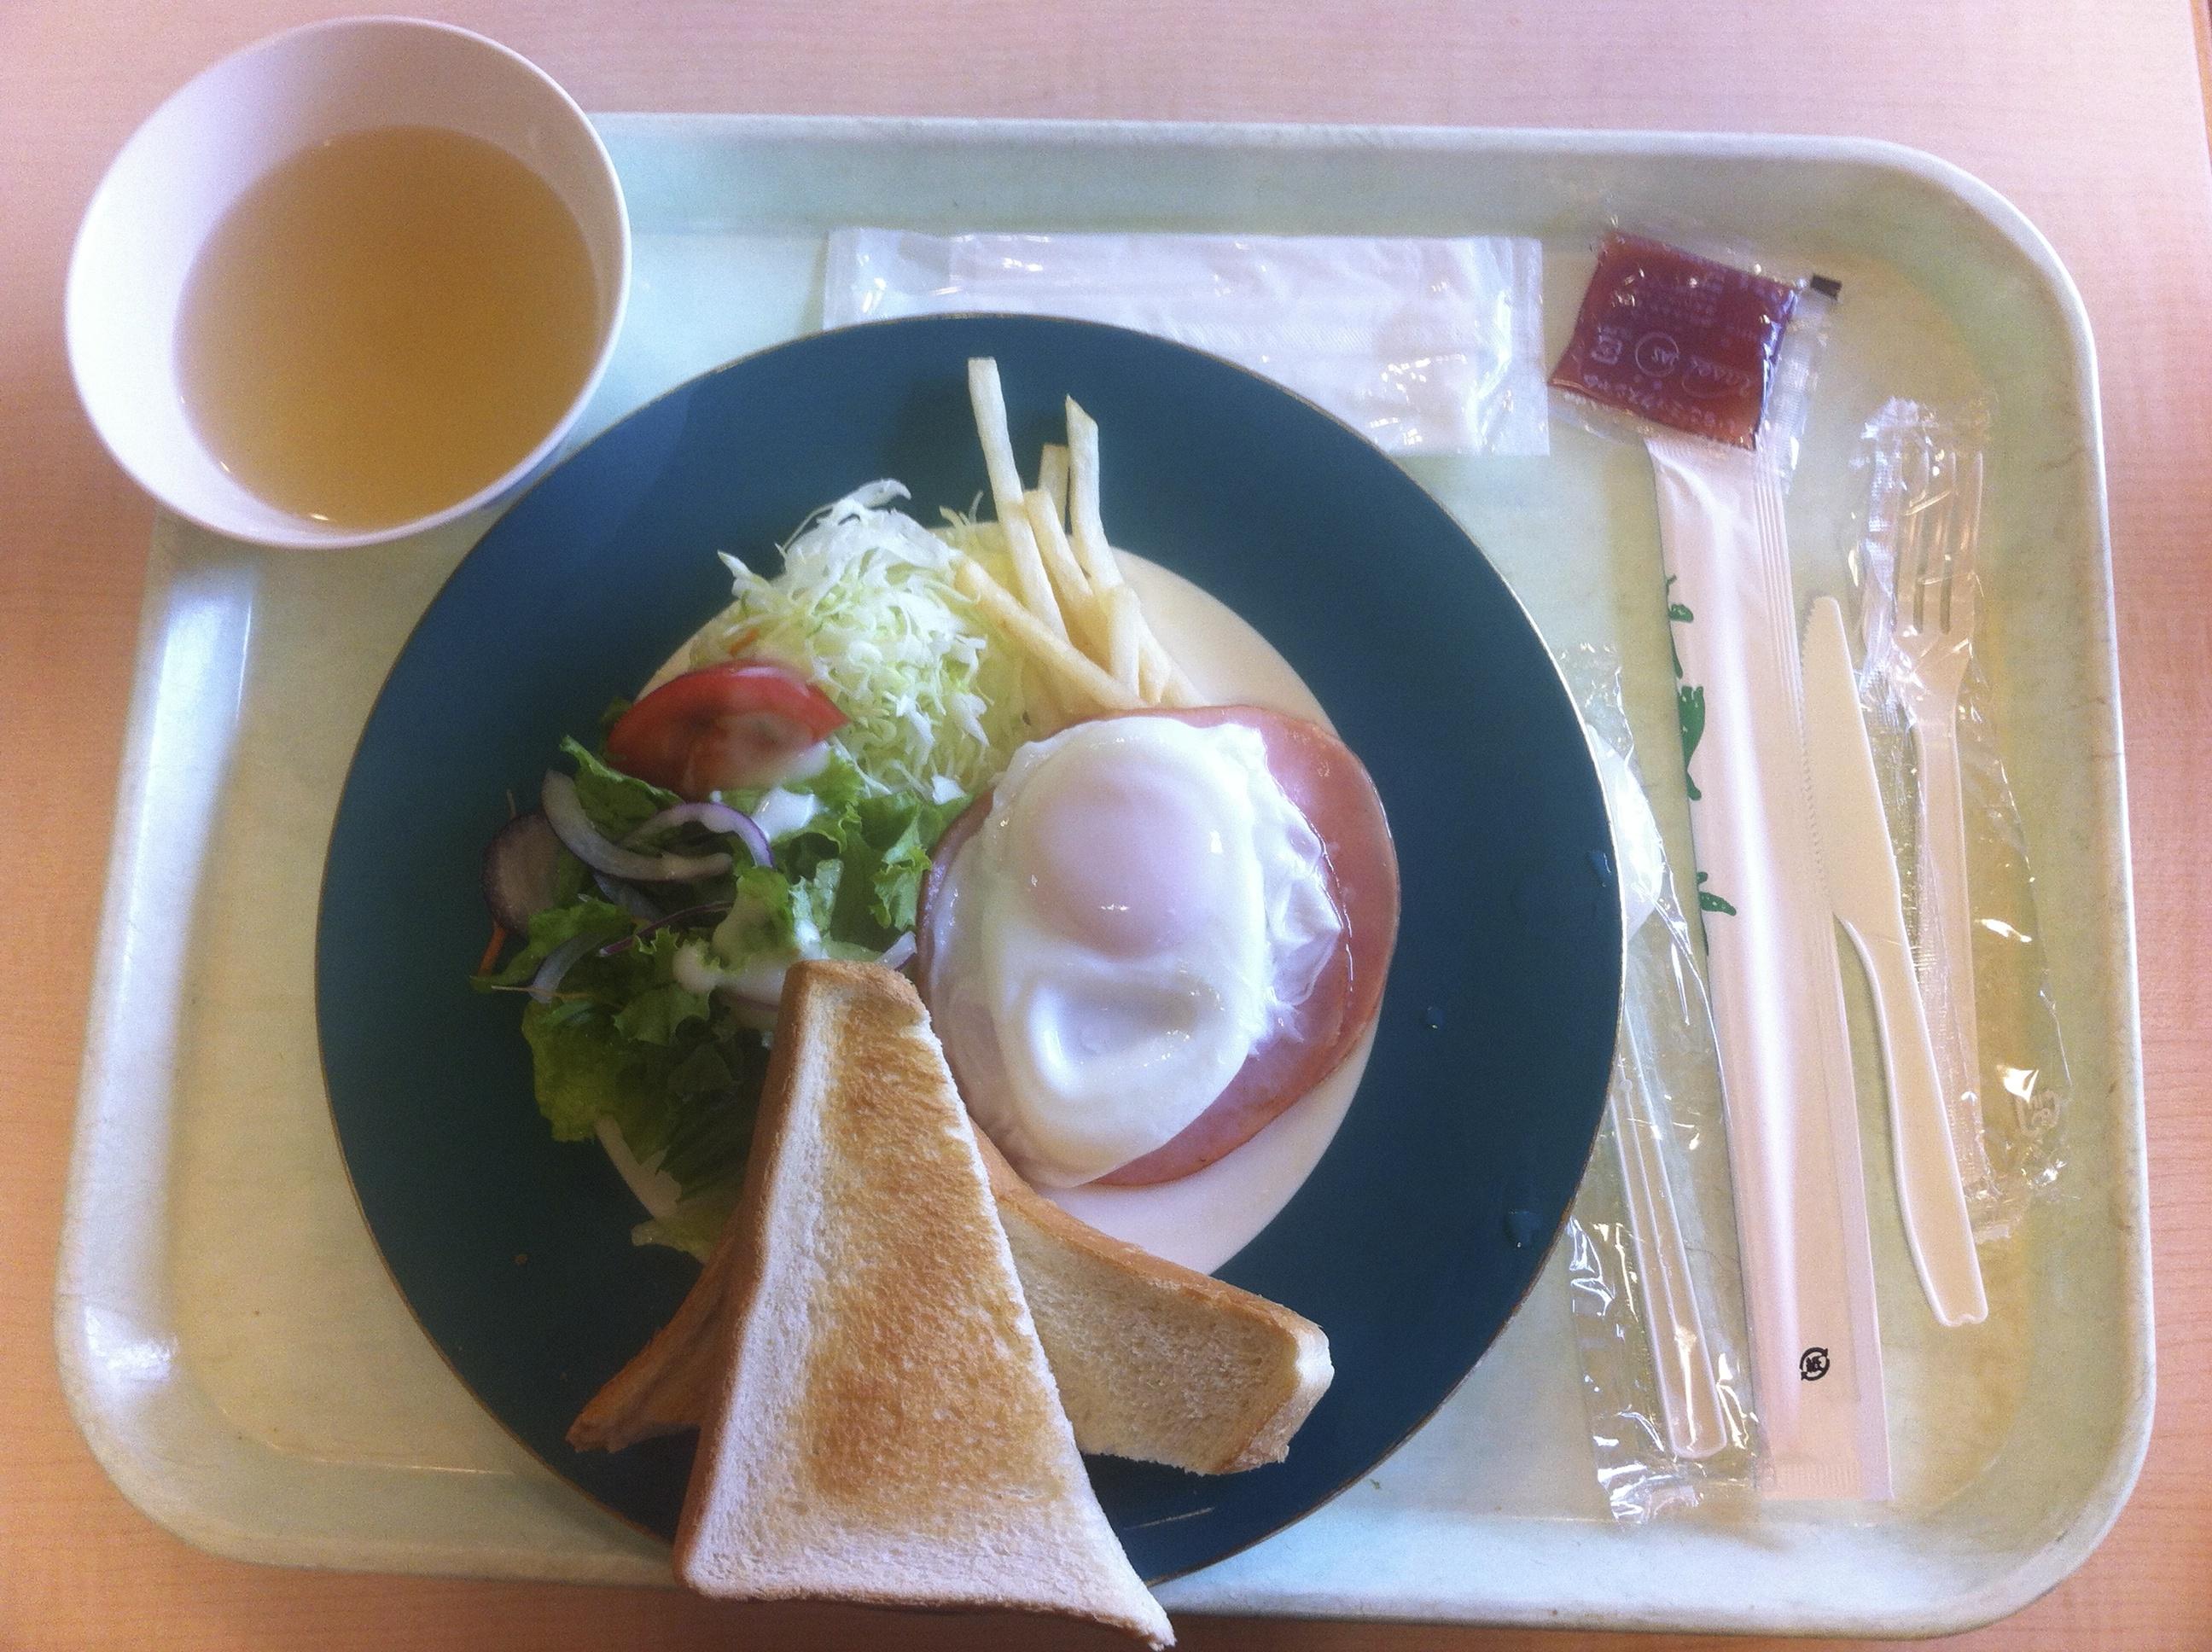 American Breakfast in Japan